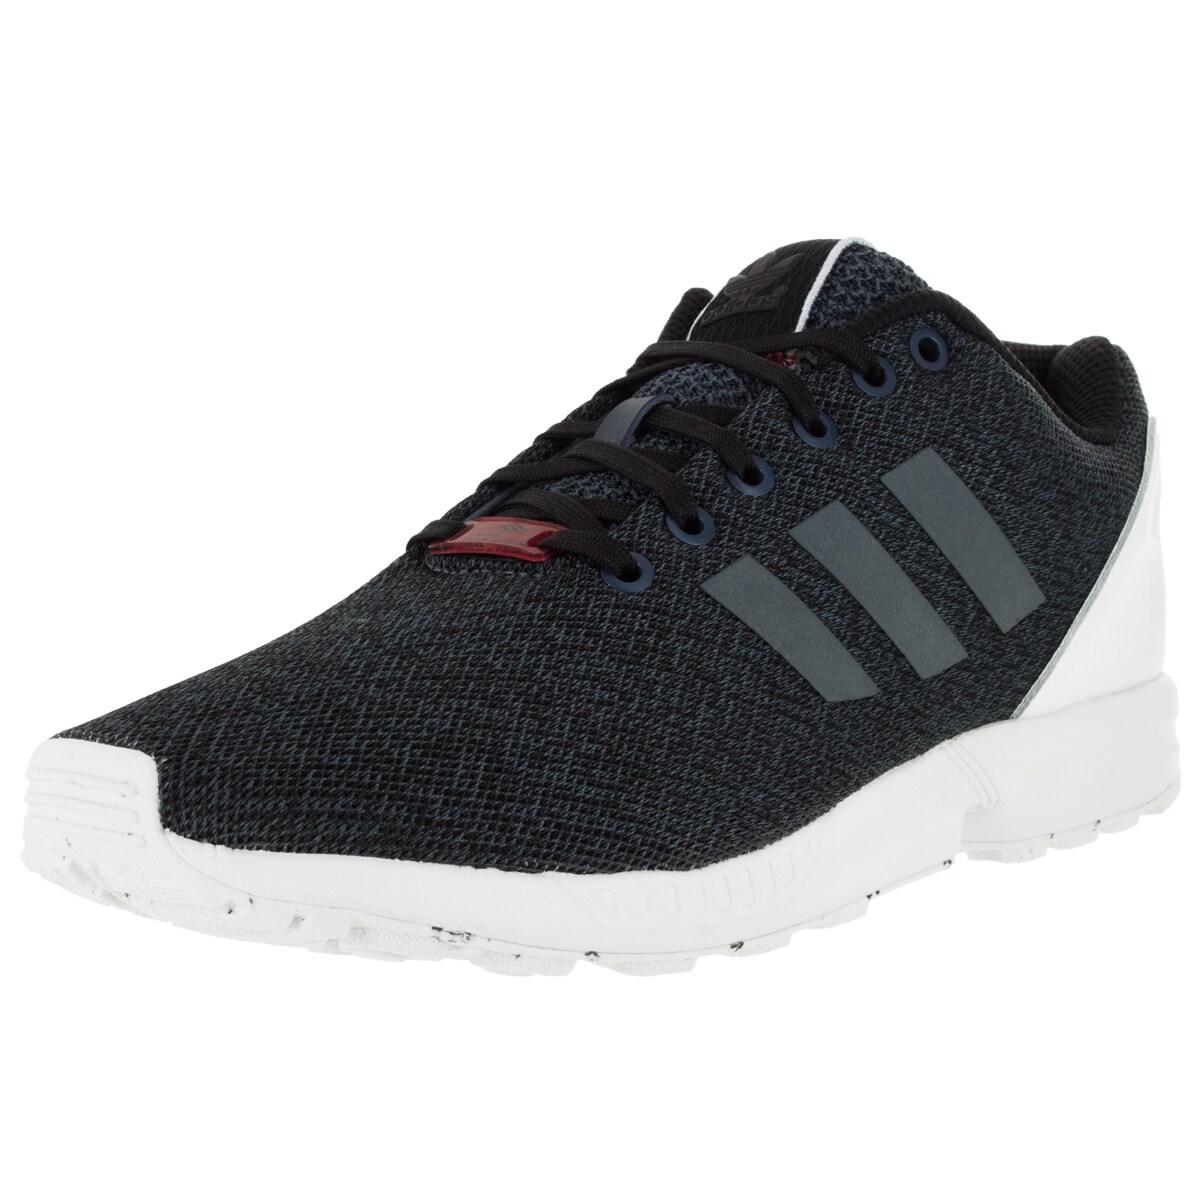 3b99d2e30f26 Shop Adidas Men s Zx Flux Originals Boonix White Running Shoe - Free ...